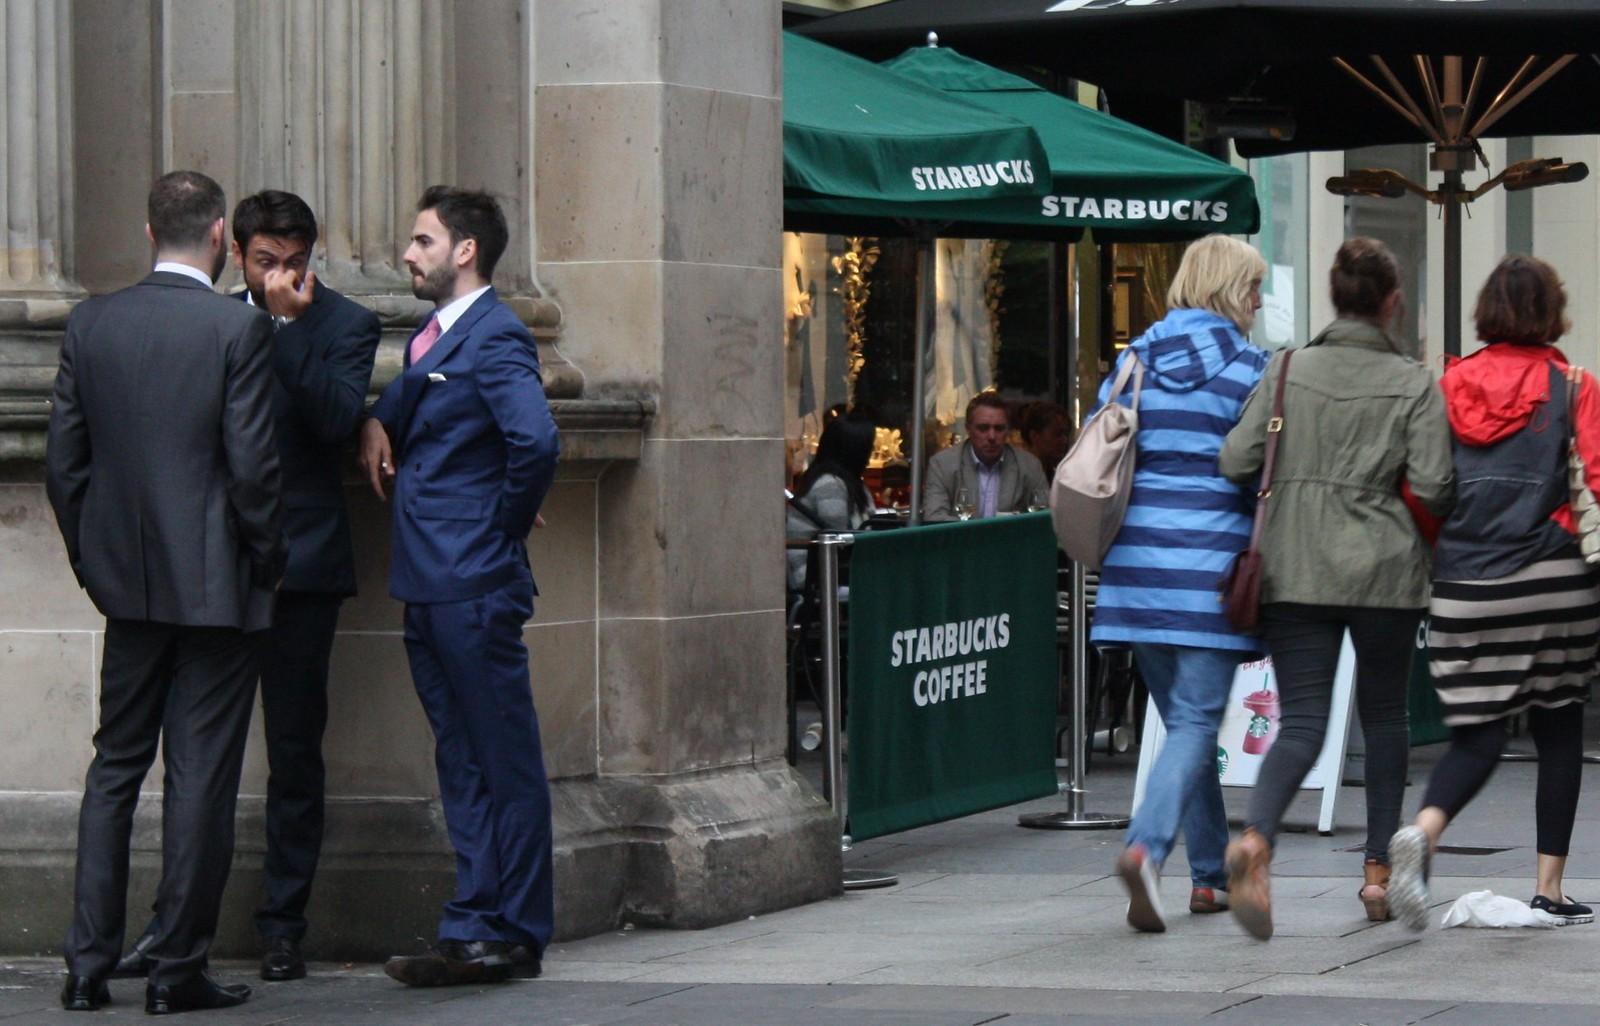 Glasgow Suits